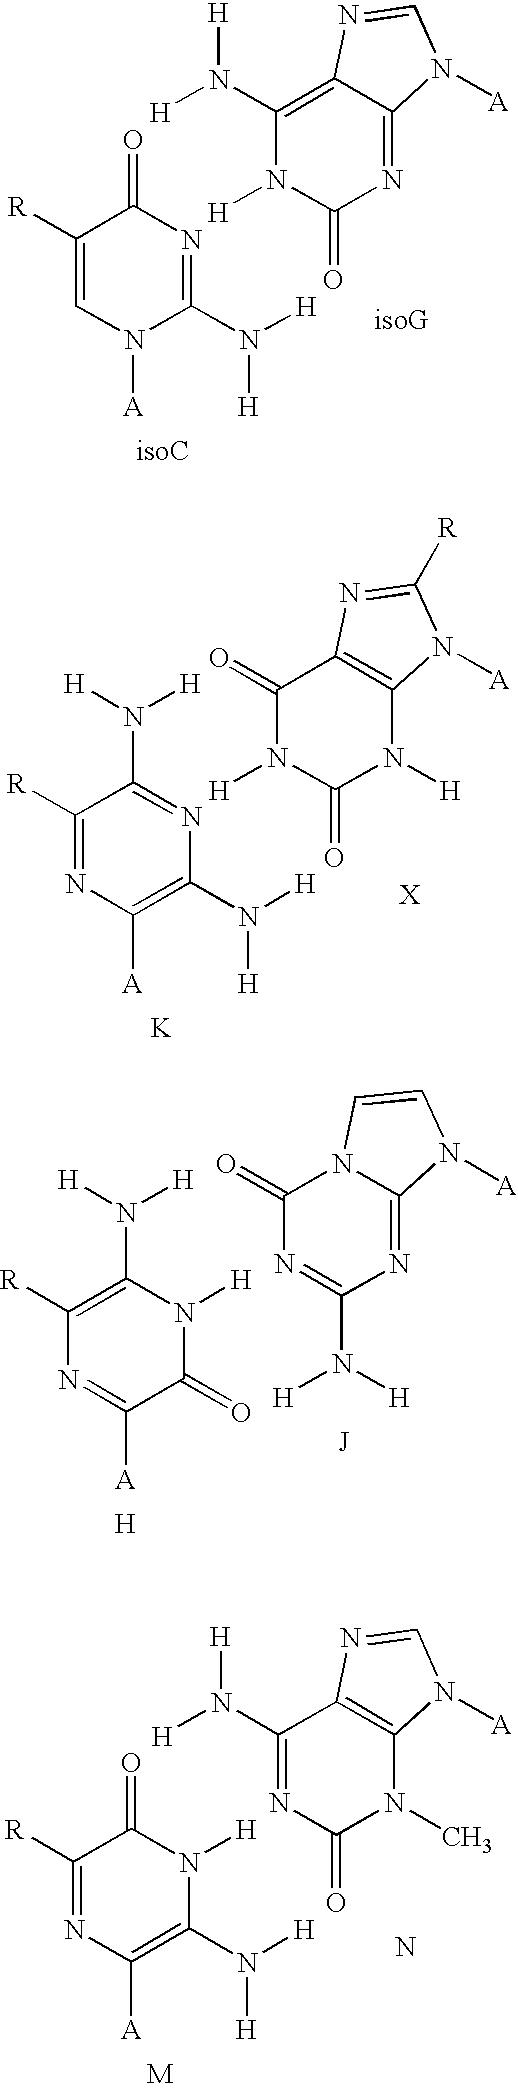 Figure US20070264694A1-20071115-C00001